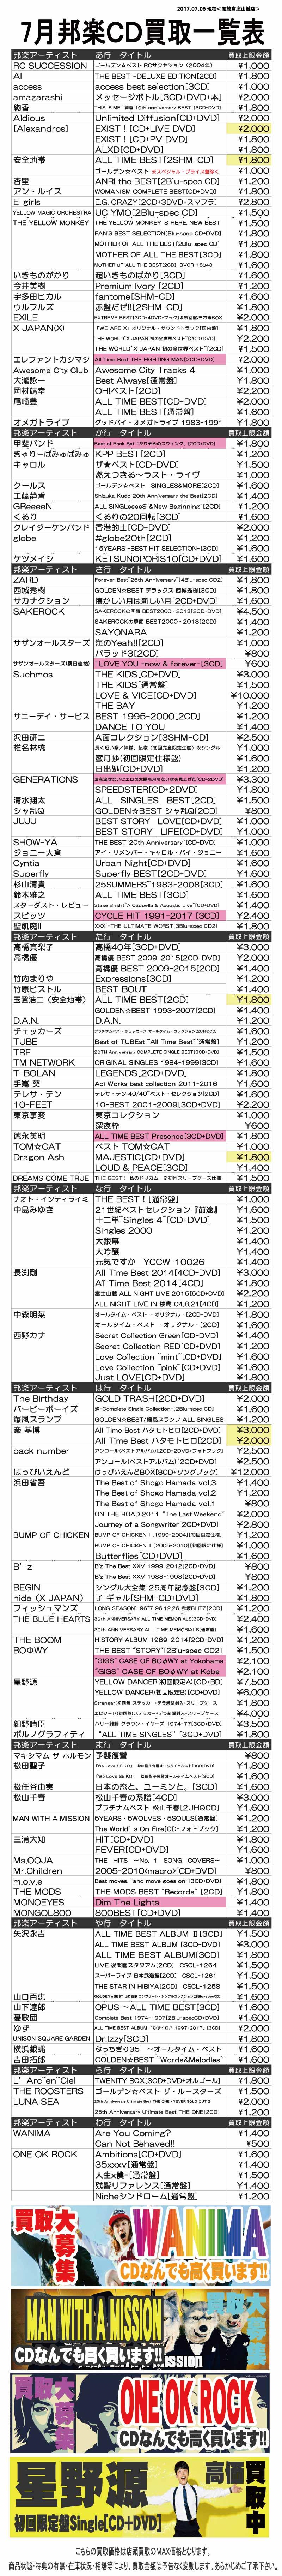 「開放倉庫山城店」2017/7月邦楽CD買取一覧を更新しました!!